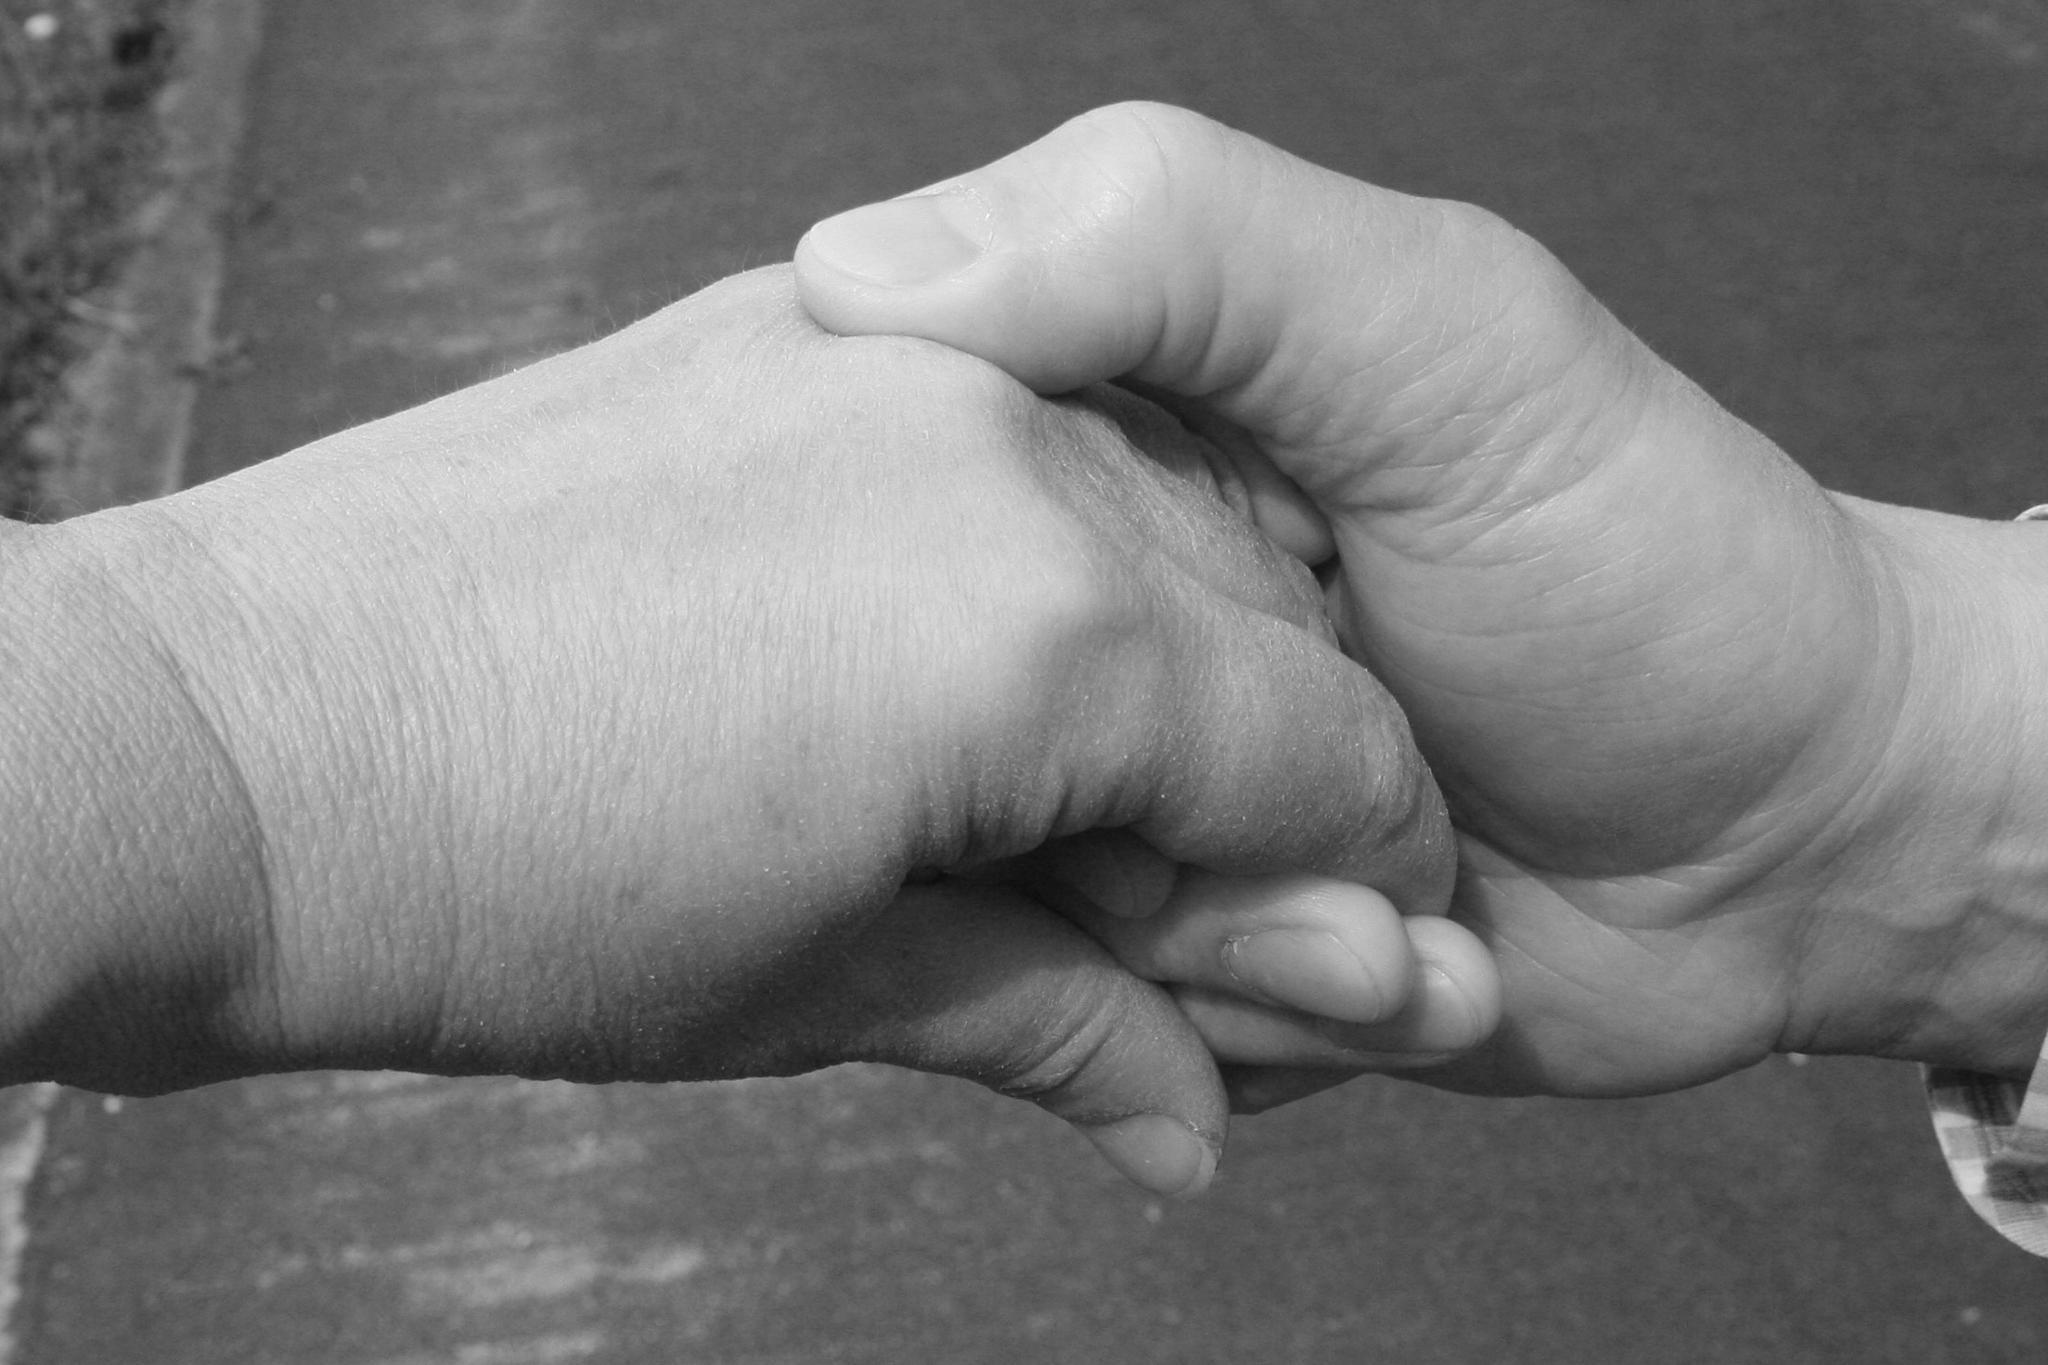 hand in hand by helen.vandenbroek.9